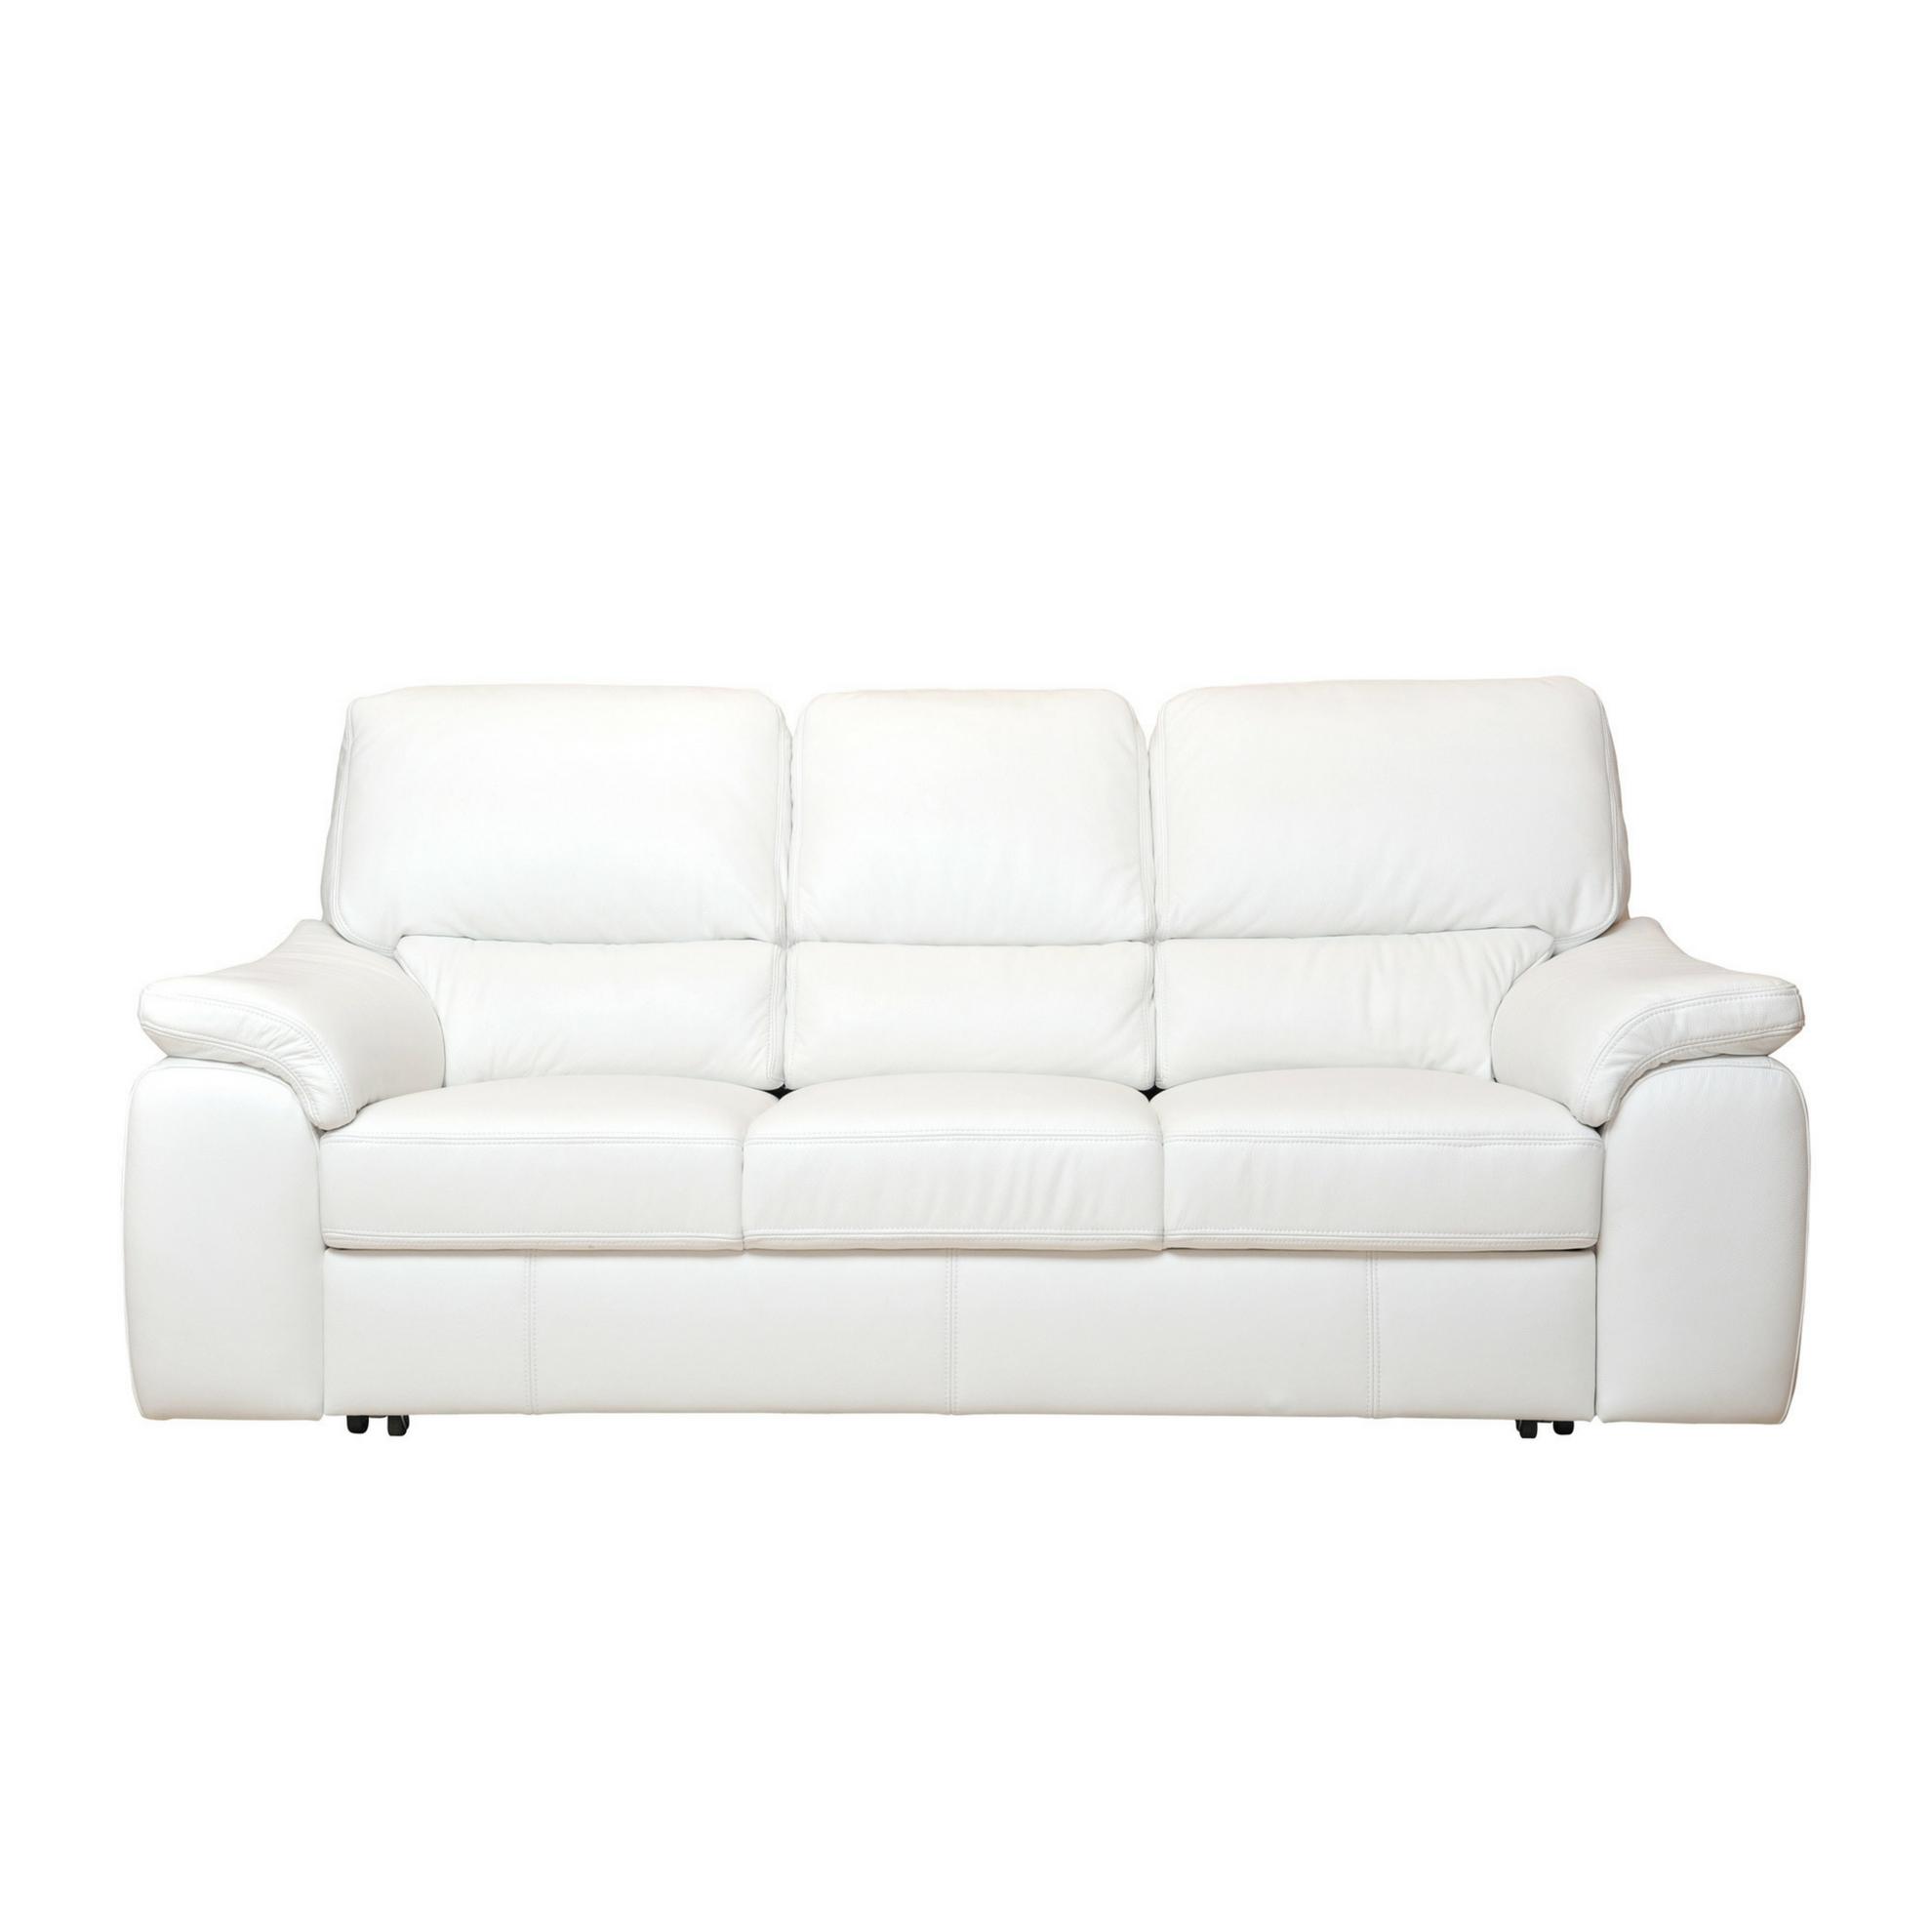 Malaysia 3 seat Sofa bed 6